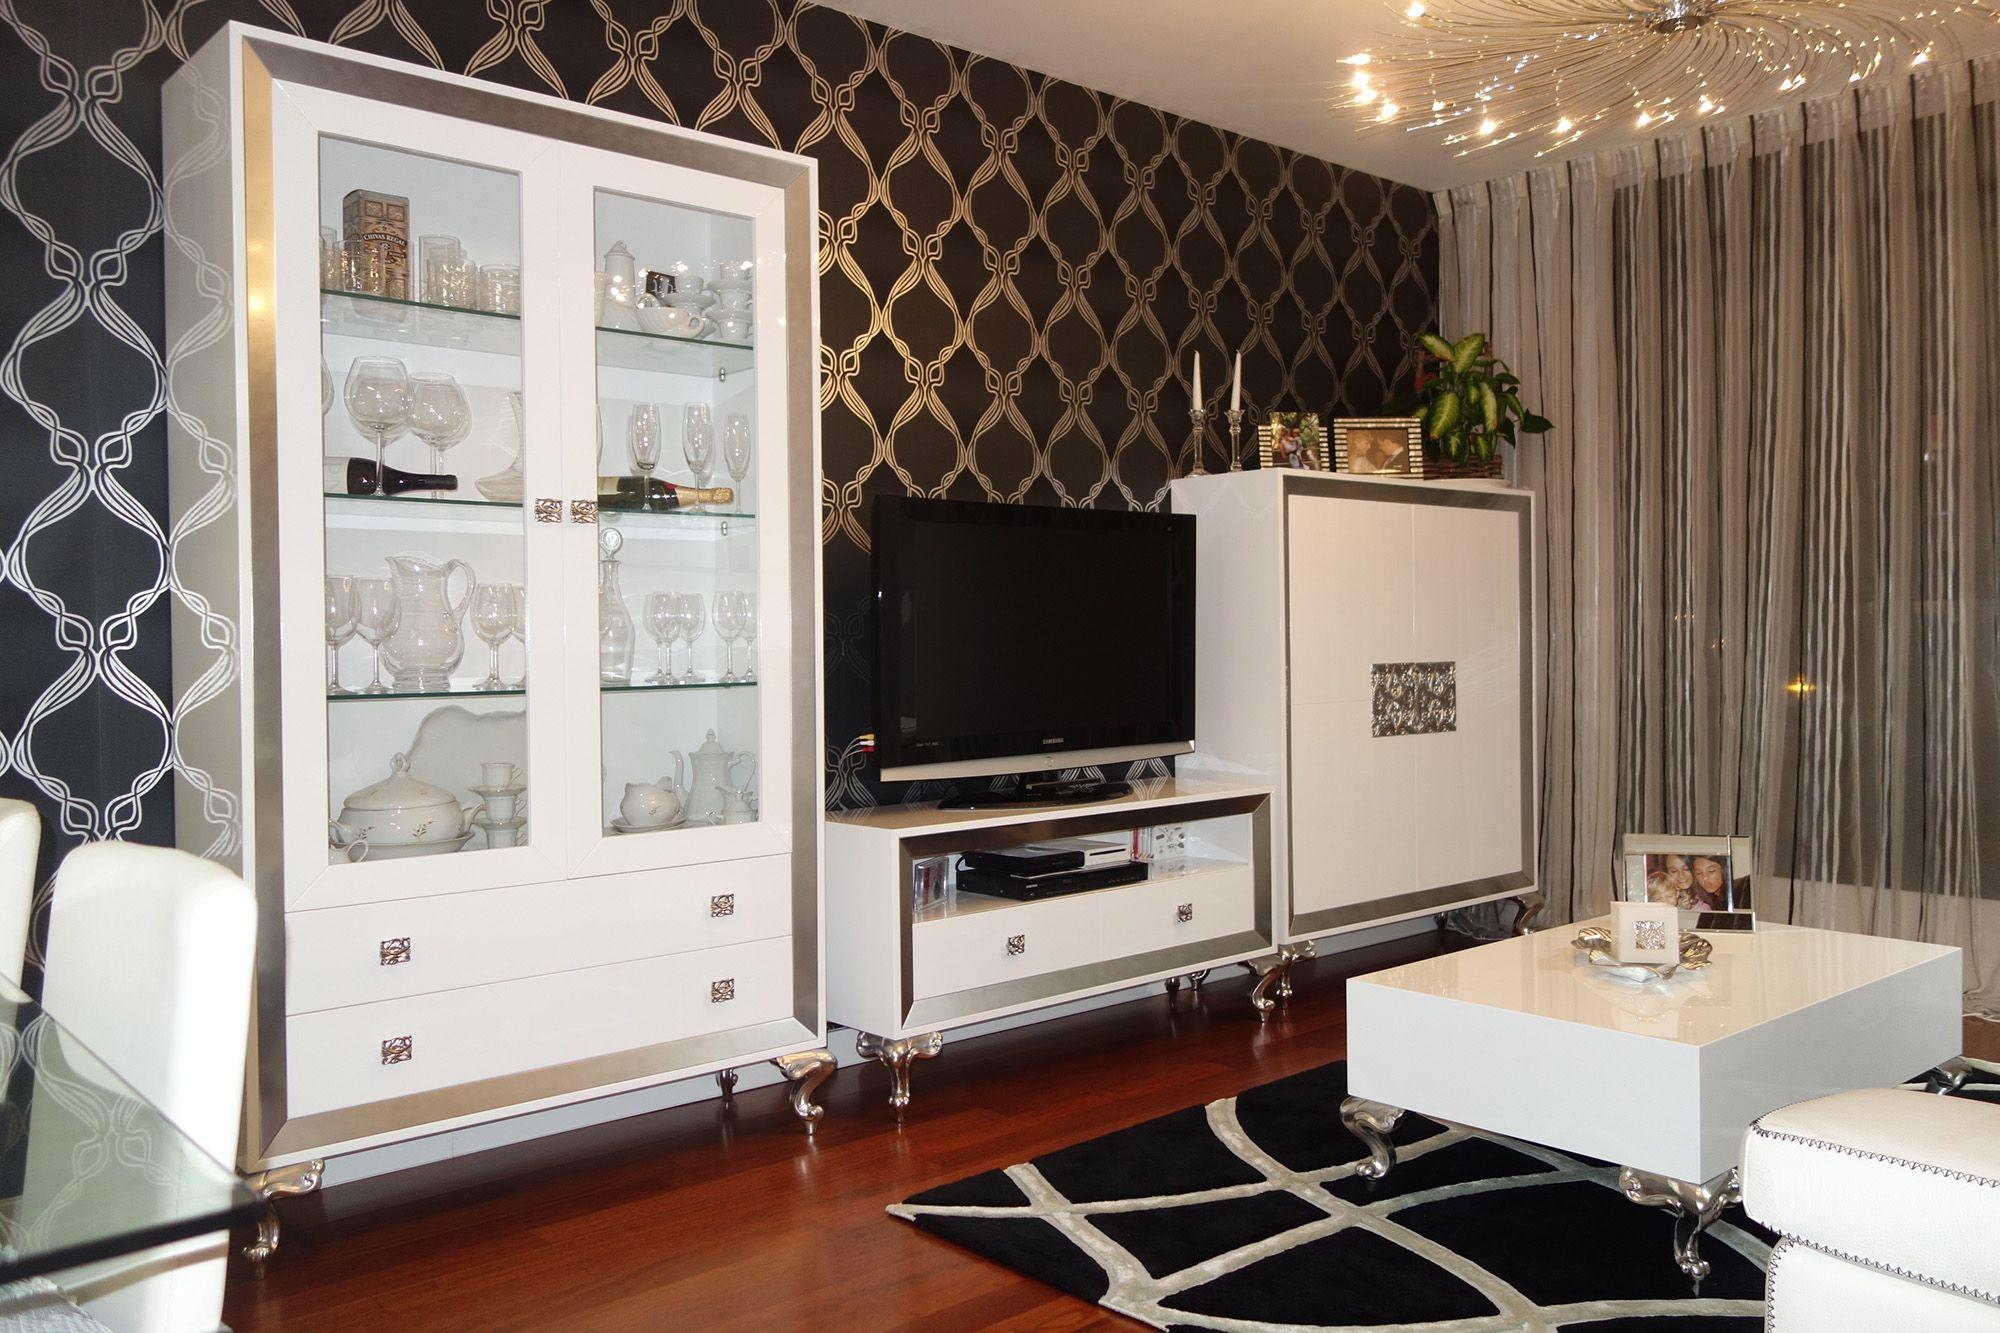 Mueble sal n lacado en blanco y plata villalba interiorismo nuestros trabajos clientes - Mueble salon rojo ...